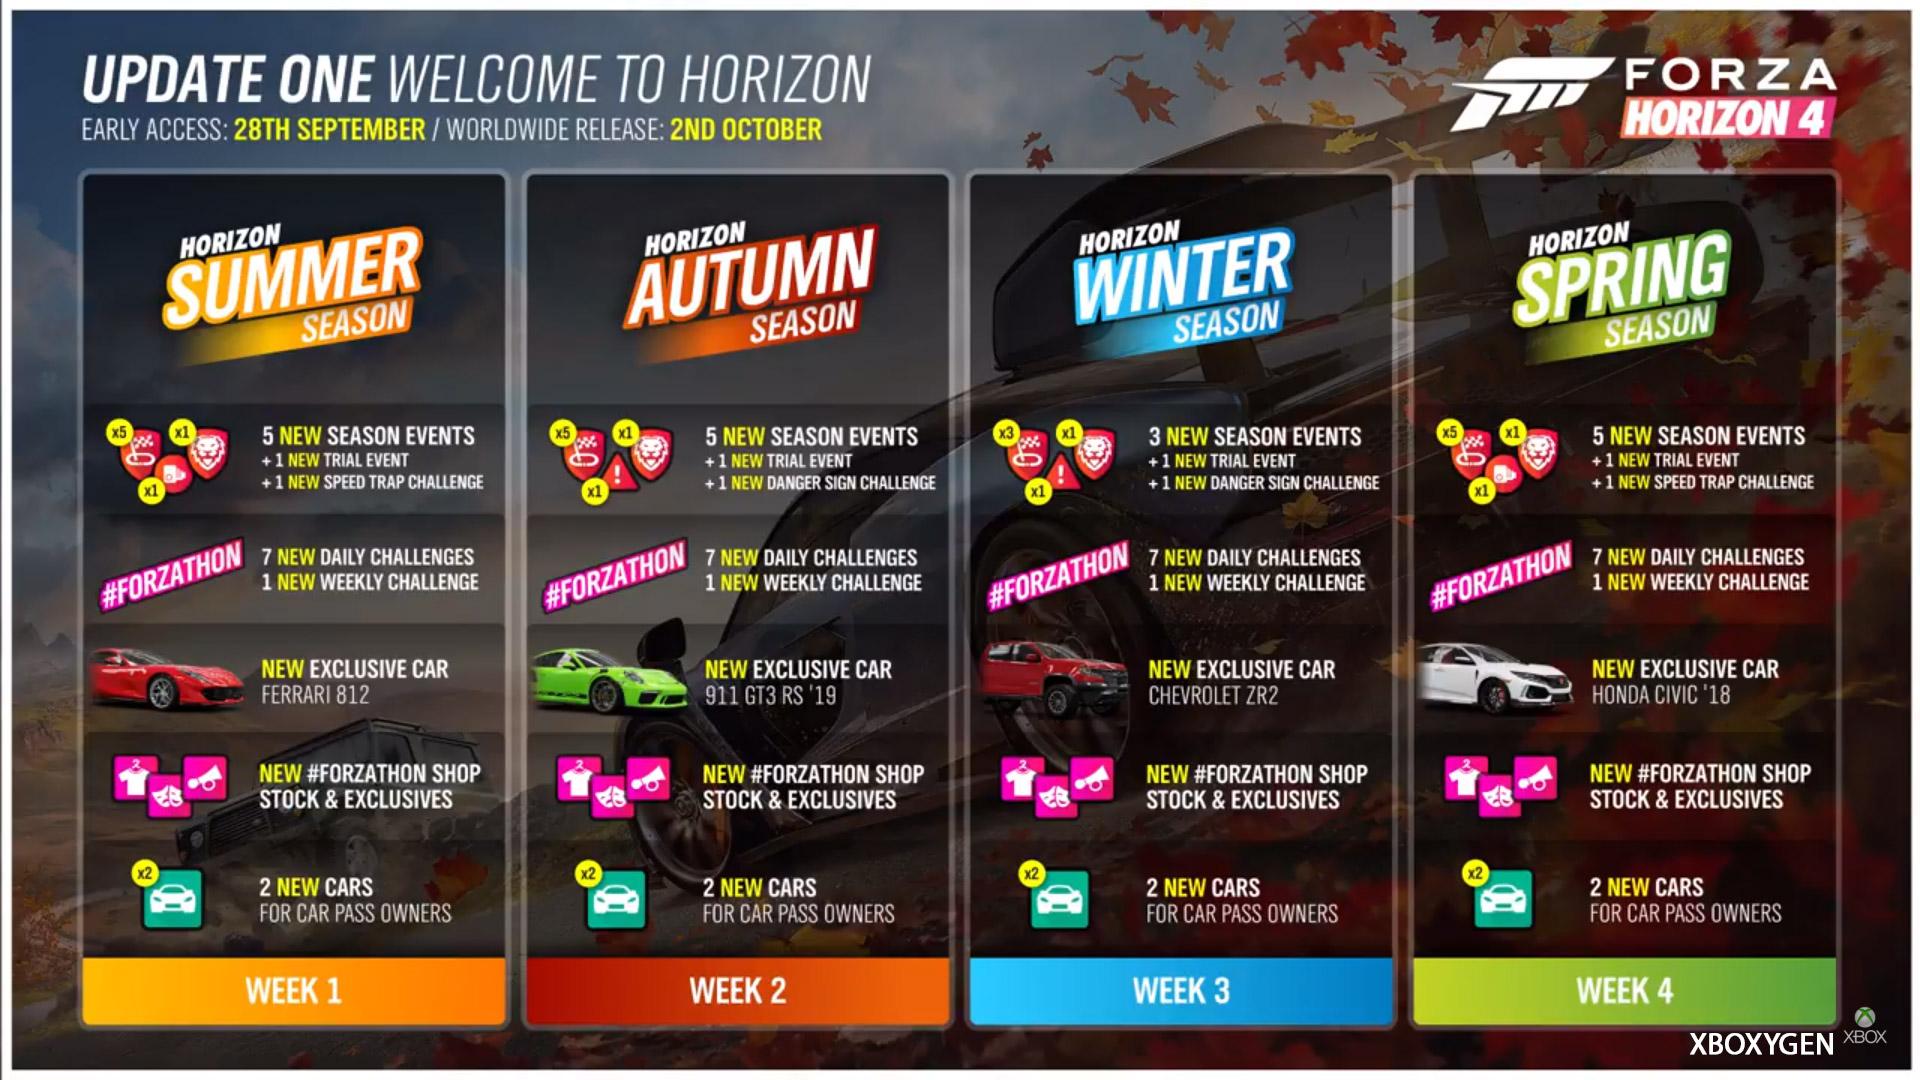 Forza Horizon 4 : le programme des 4 première saisons est dévoilé en détails